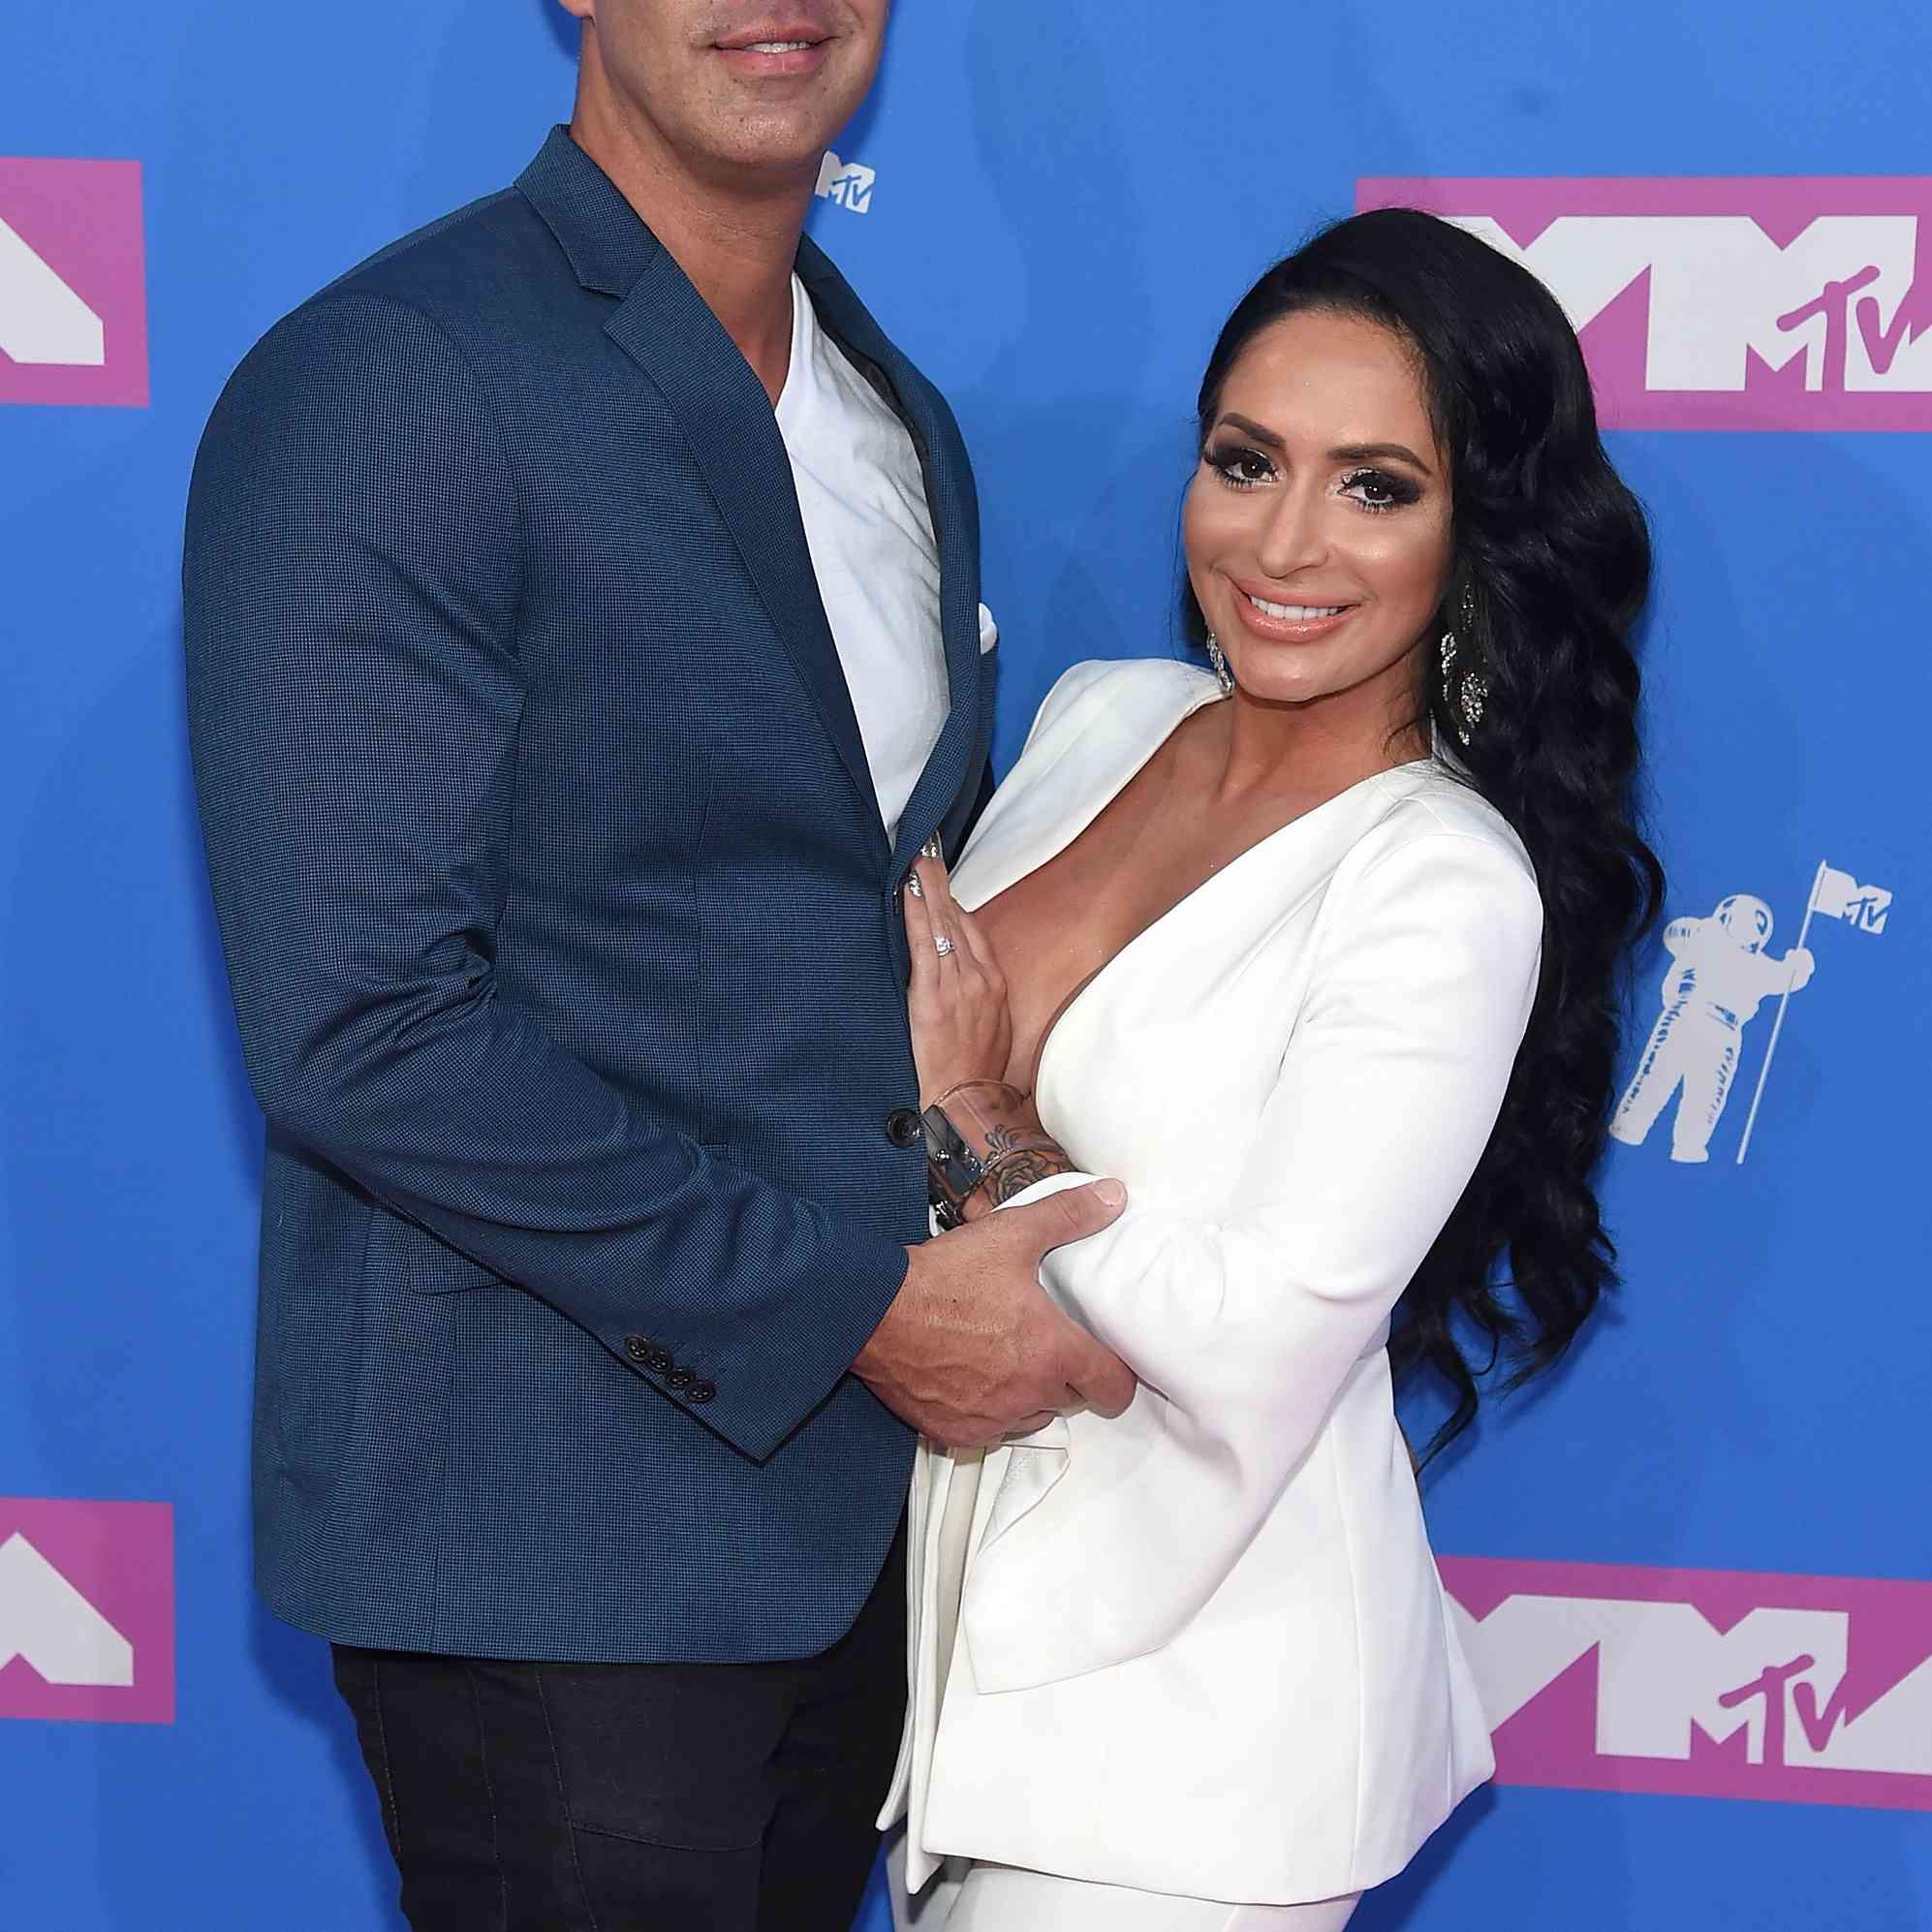 Angelina Pivarnick and boyfriend